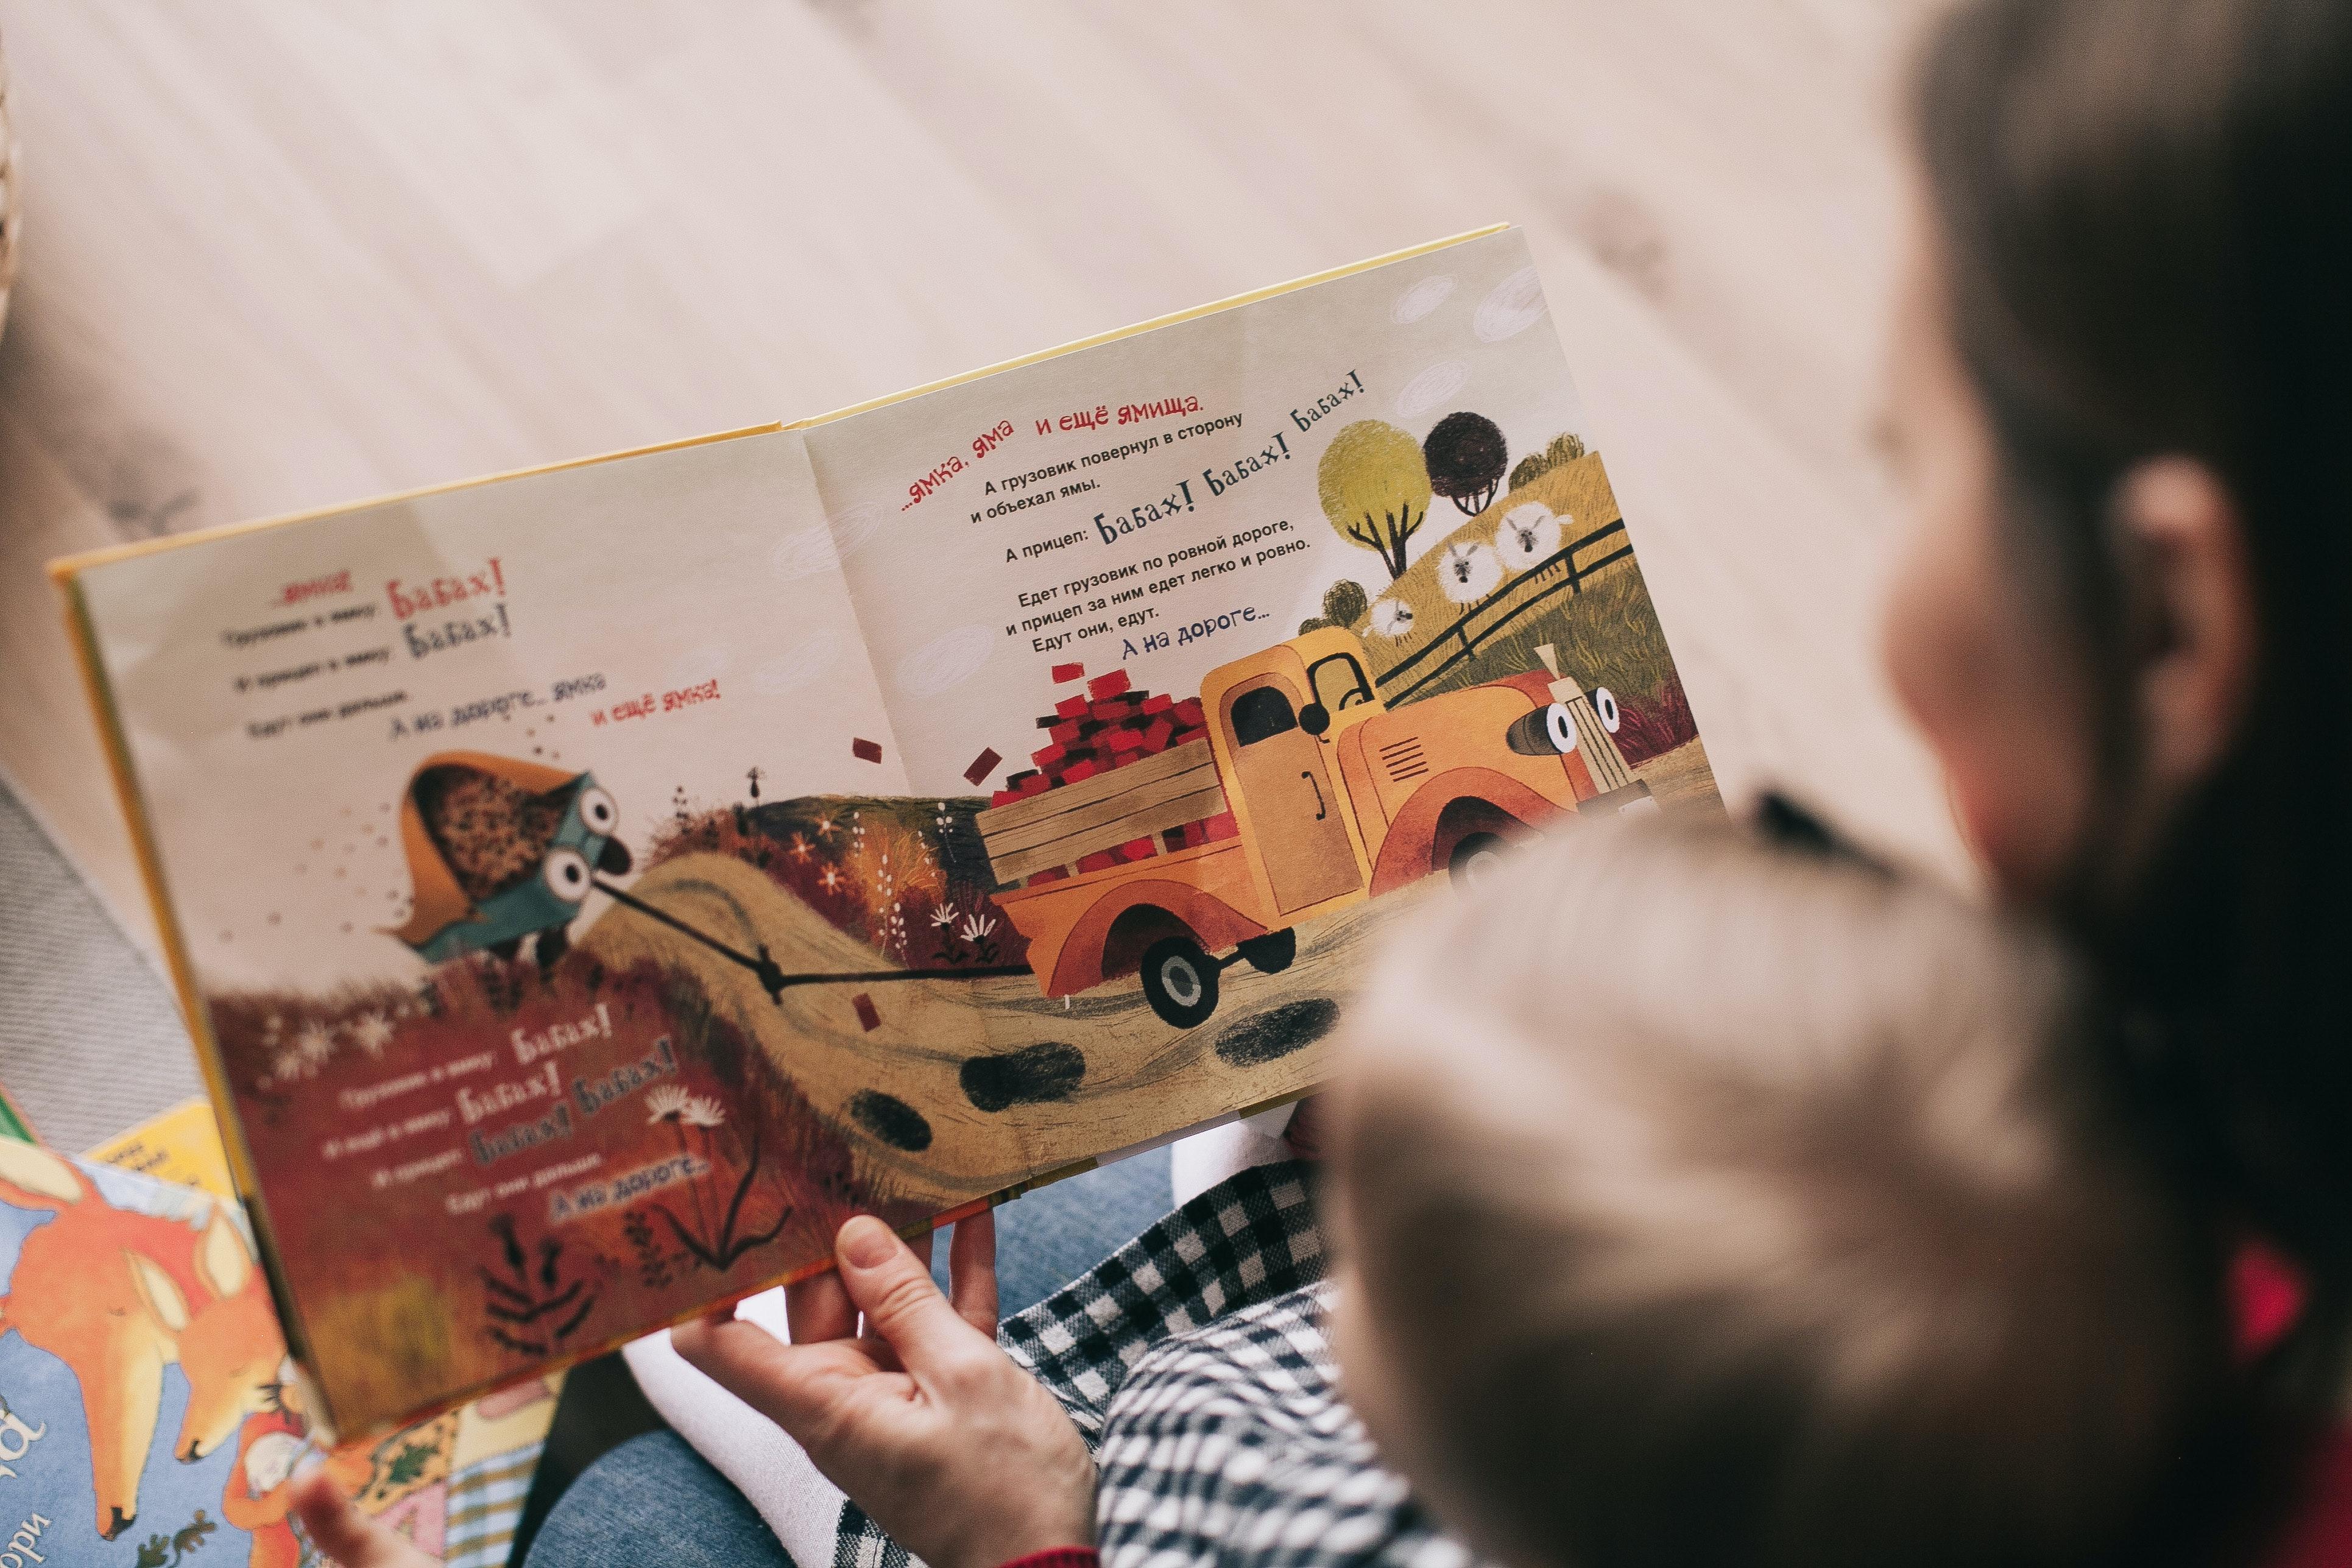 La lectura un hábito que cultivar, actividad recomendada por esta guía para padres en cuarentena